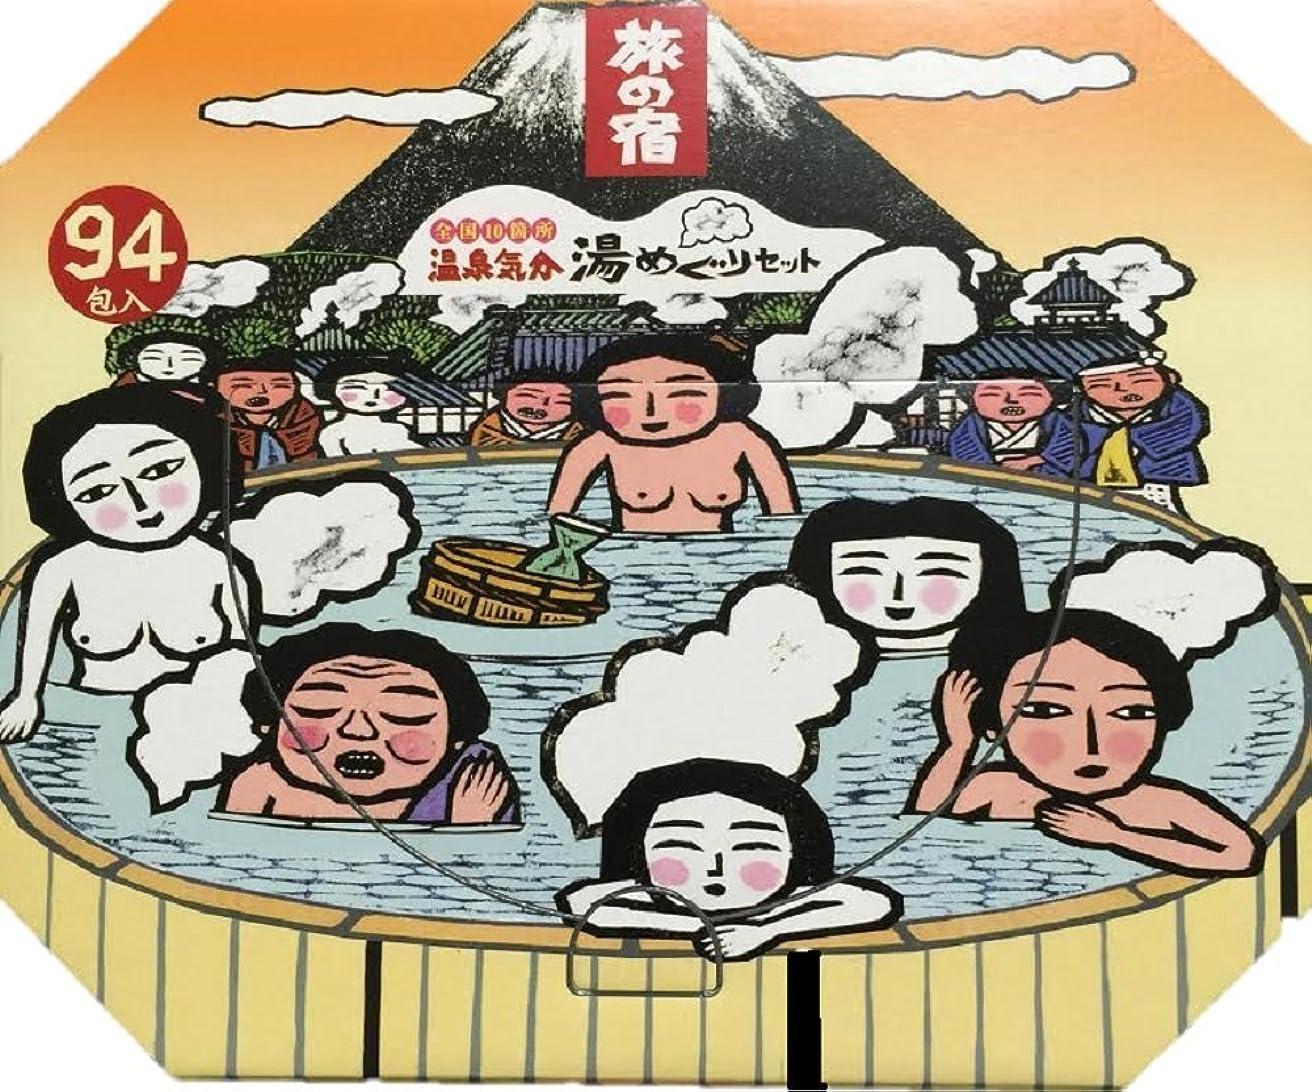 追う研究所驚くべき旅の宿(薬用入浴剤) 全国10箇所温泉気分 湯めぐりセット94包入